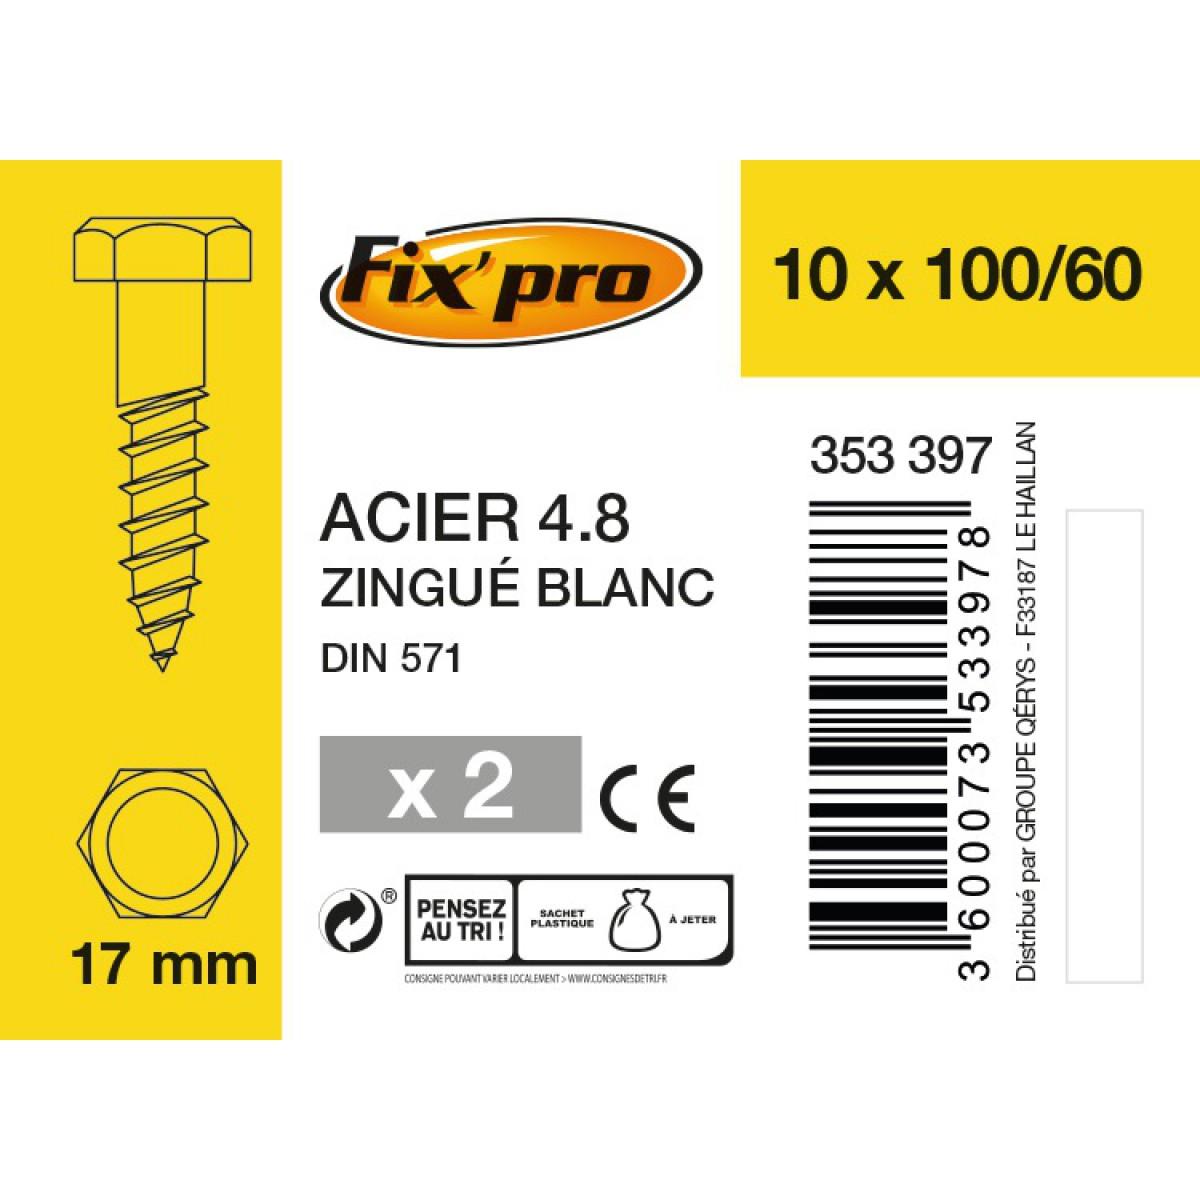 Tirefond tête hexagonale acier zingué - 10x100/60 - 2pces - Fixpro